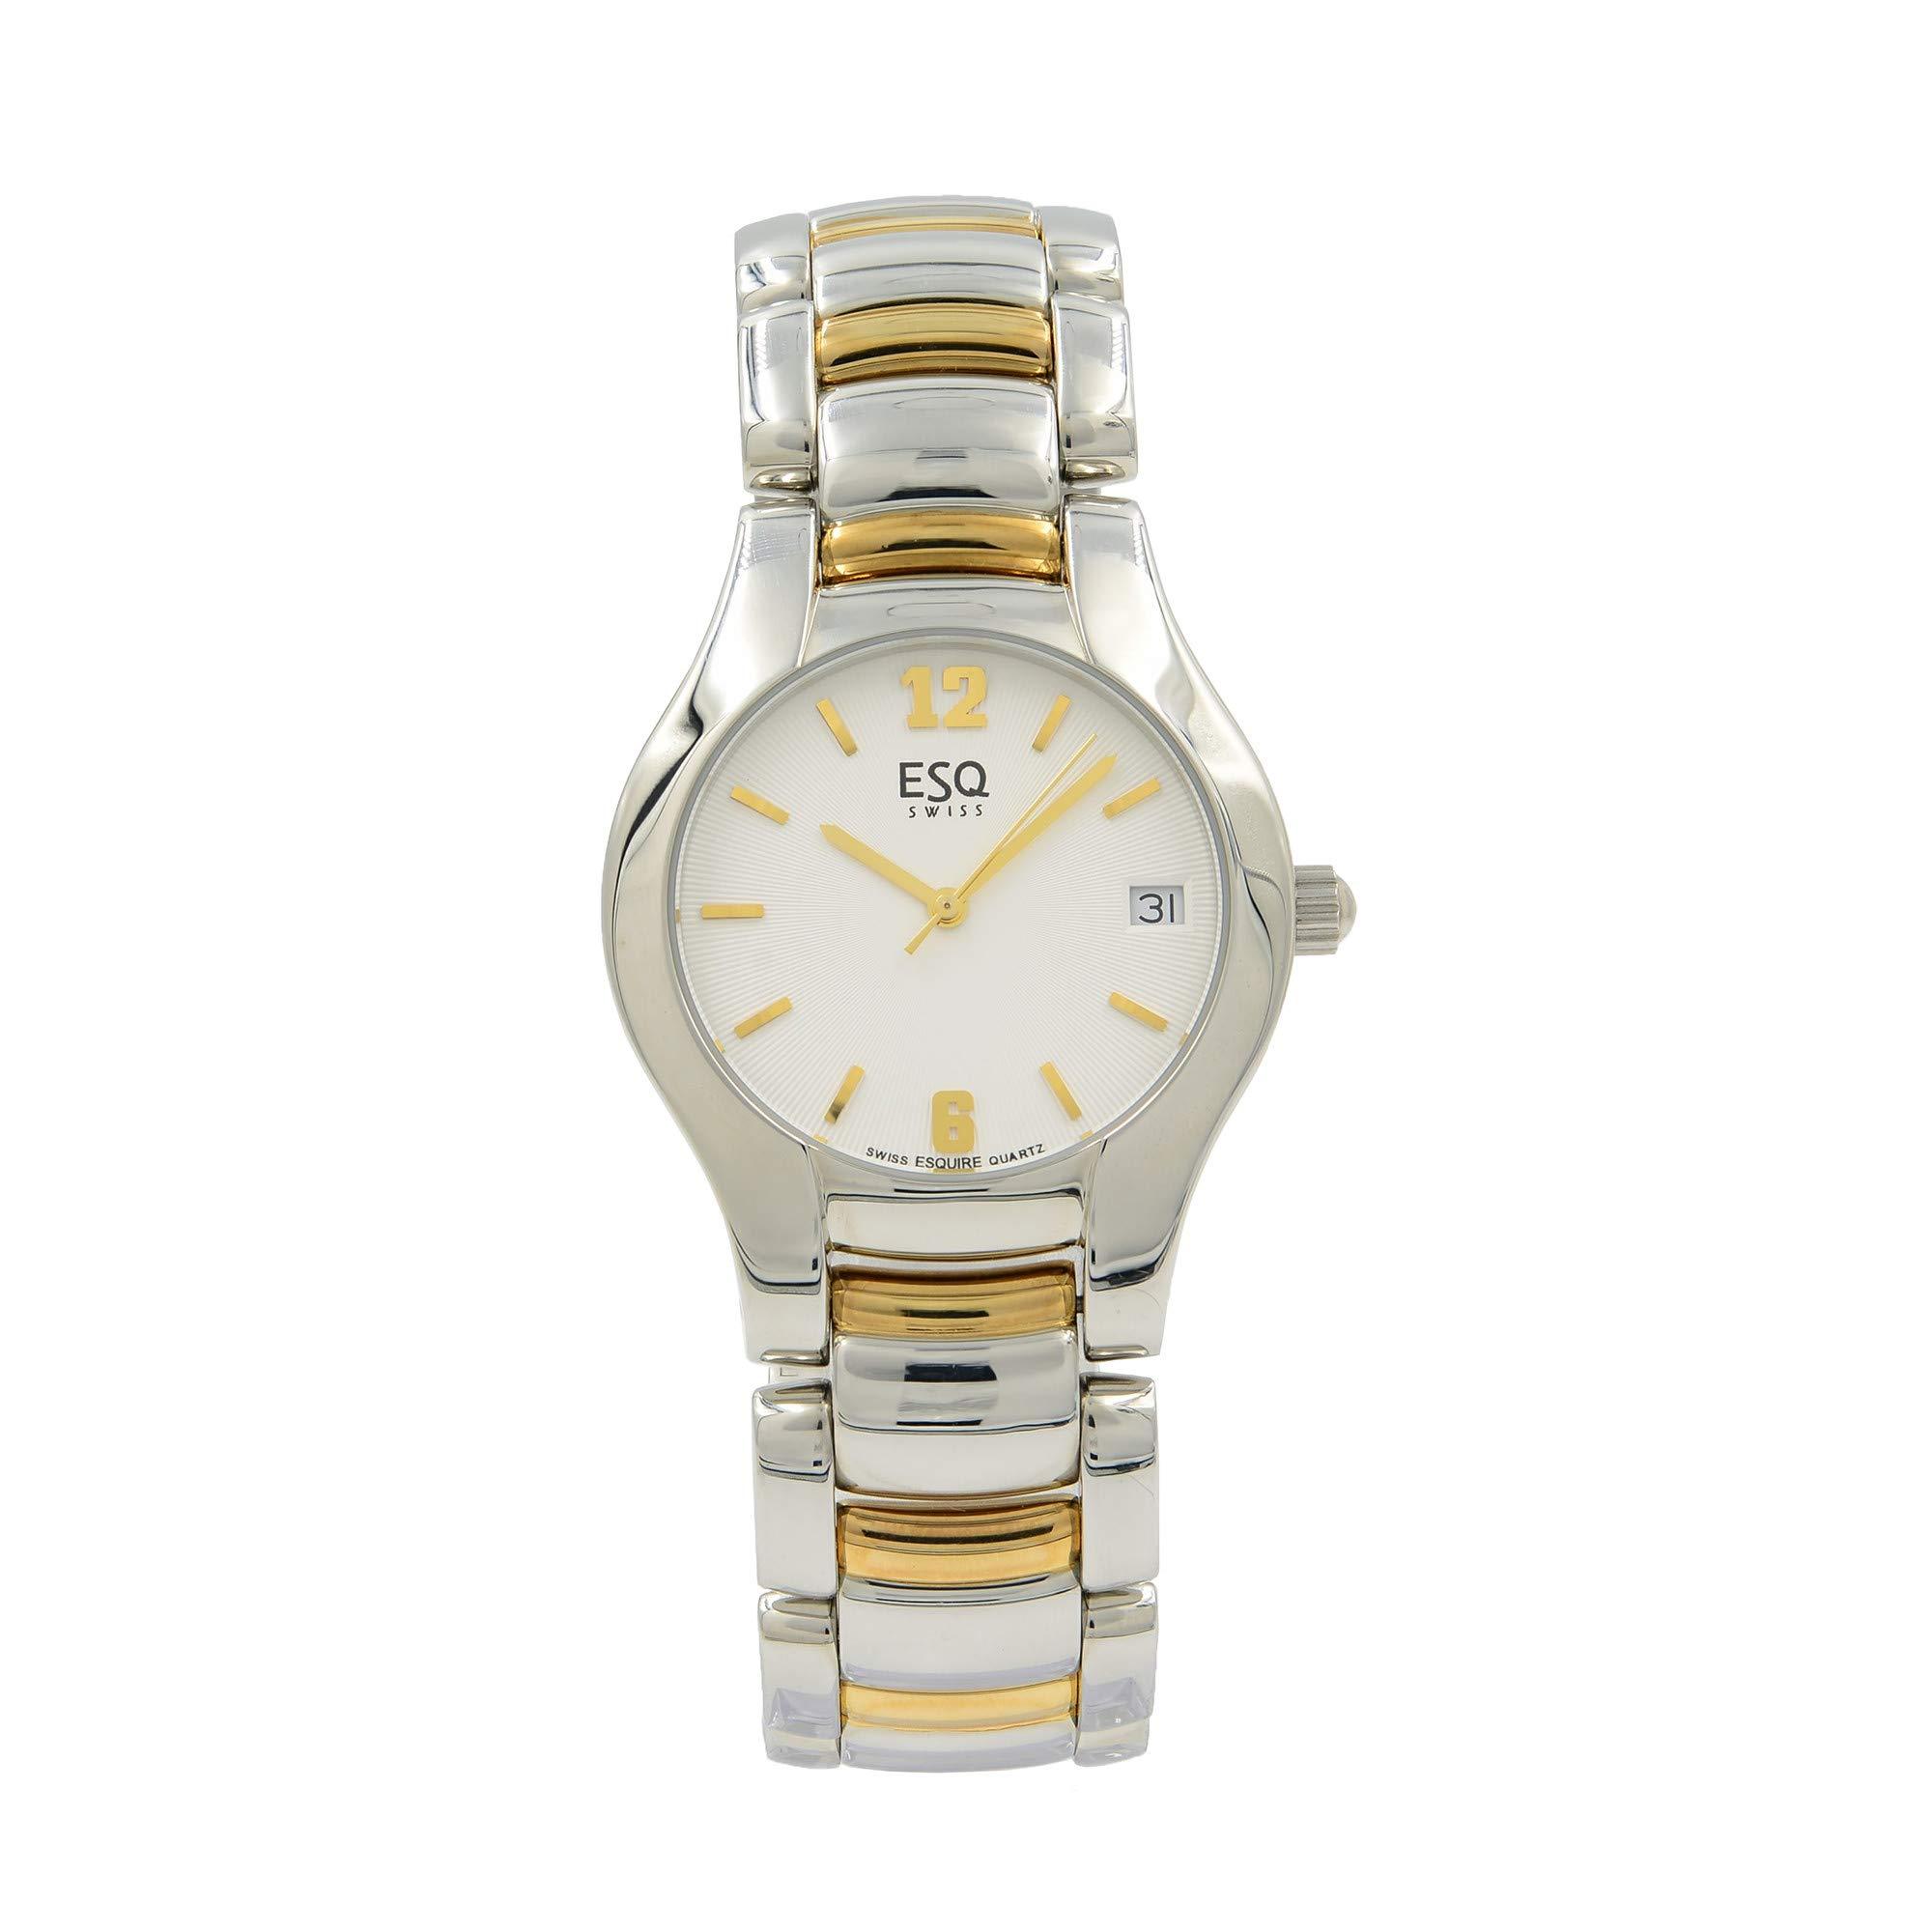 ESQ Previa Quartz Male Watch 07300671 (Certified Pre-Owned)